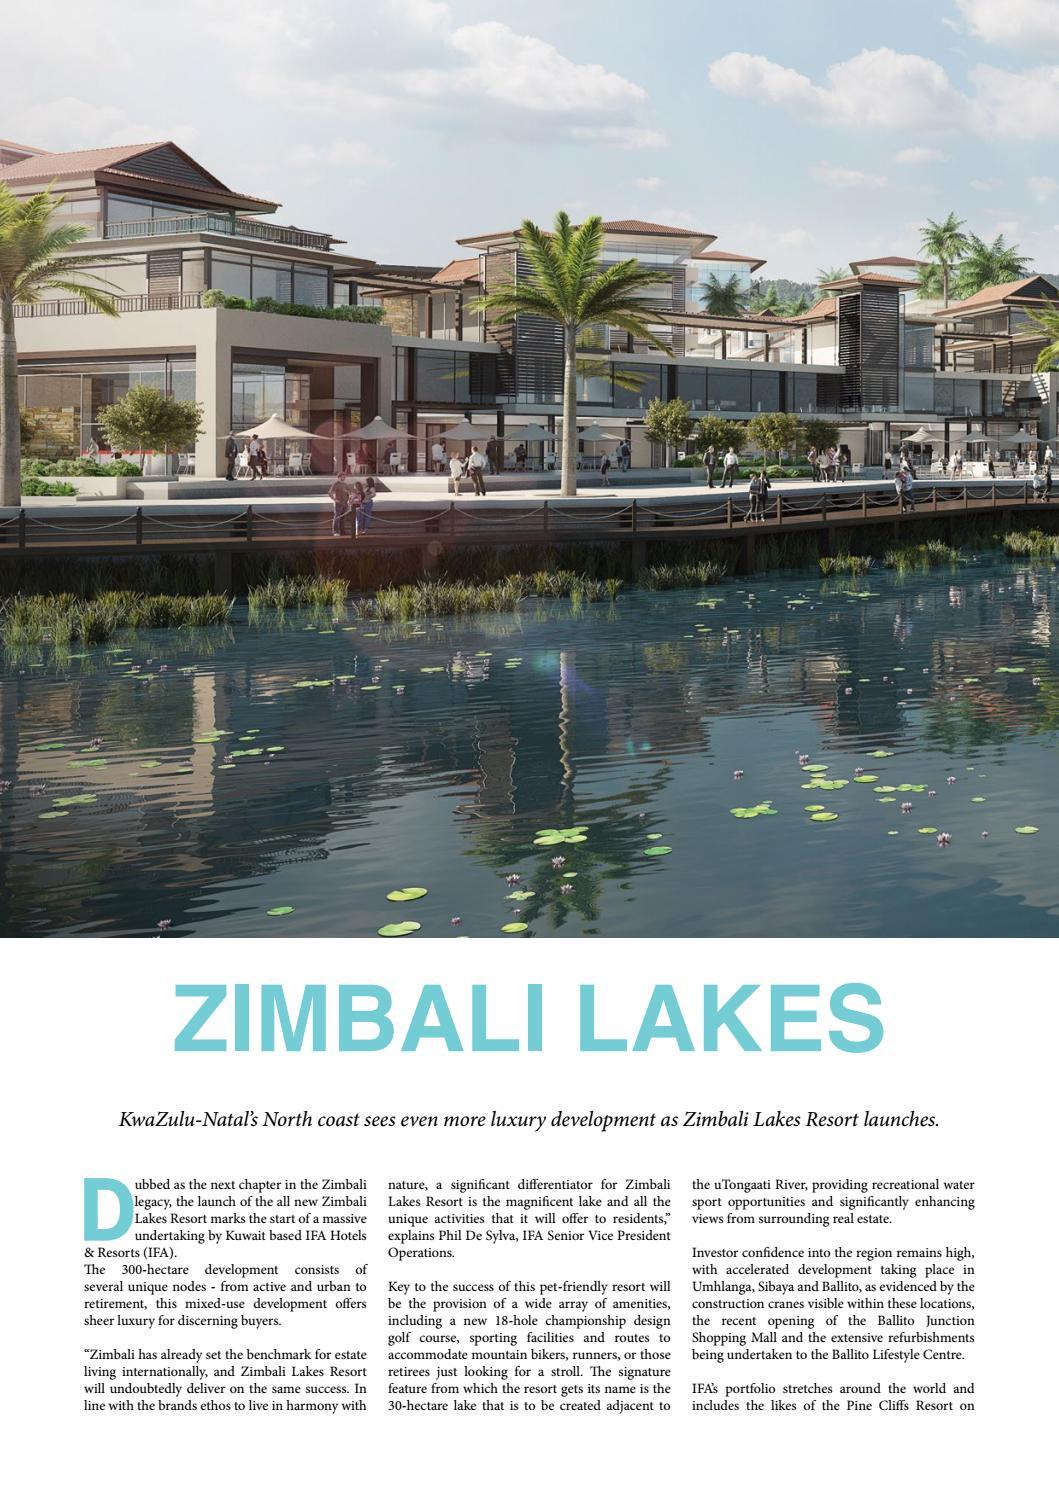 5 Star Durban Issue 14 by Sassy Publishing (Pty) Ltd - issuu